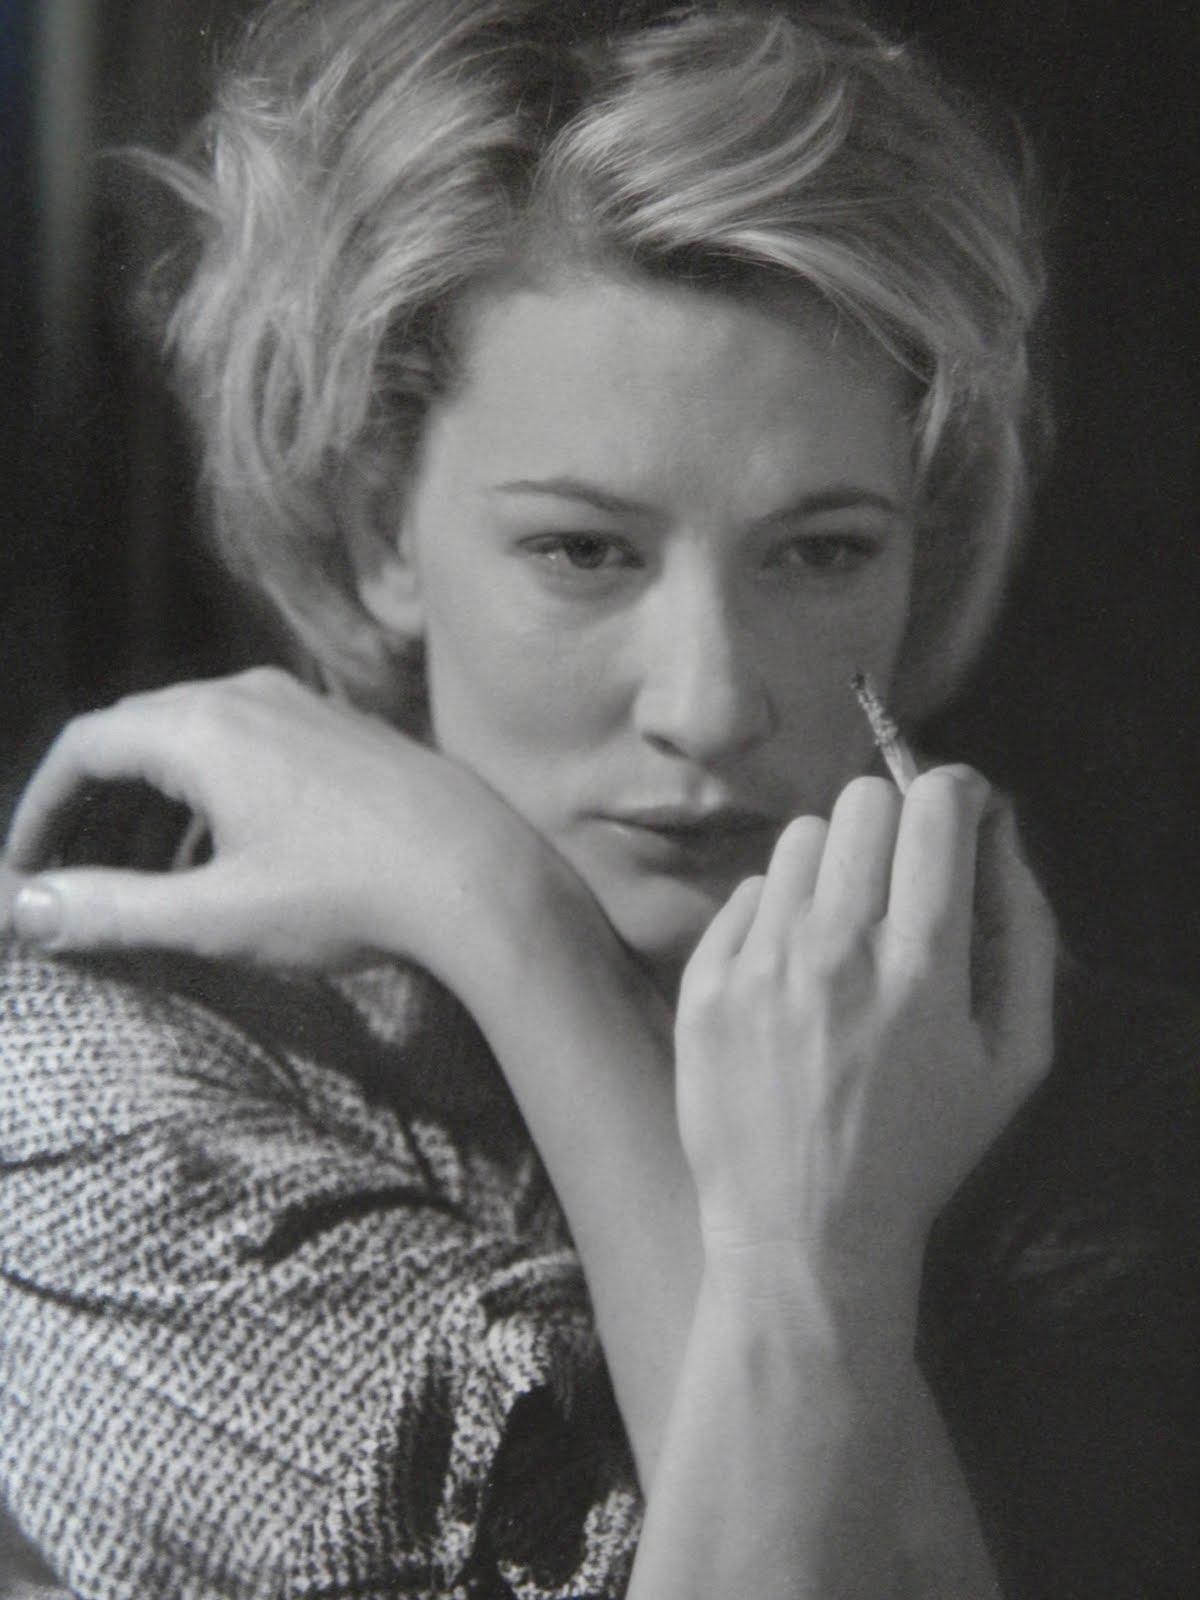 http://2.bp.blogspot.com/_11AuJtJtuWQ/TDwMSgLF08I/AAAAAAAABrg/SX2kkOJ_Vik/s1600/Cate+Blanchett_Annand3.JPG